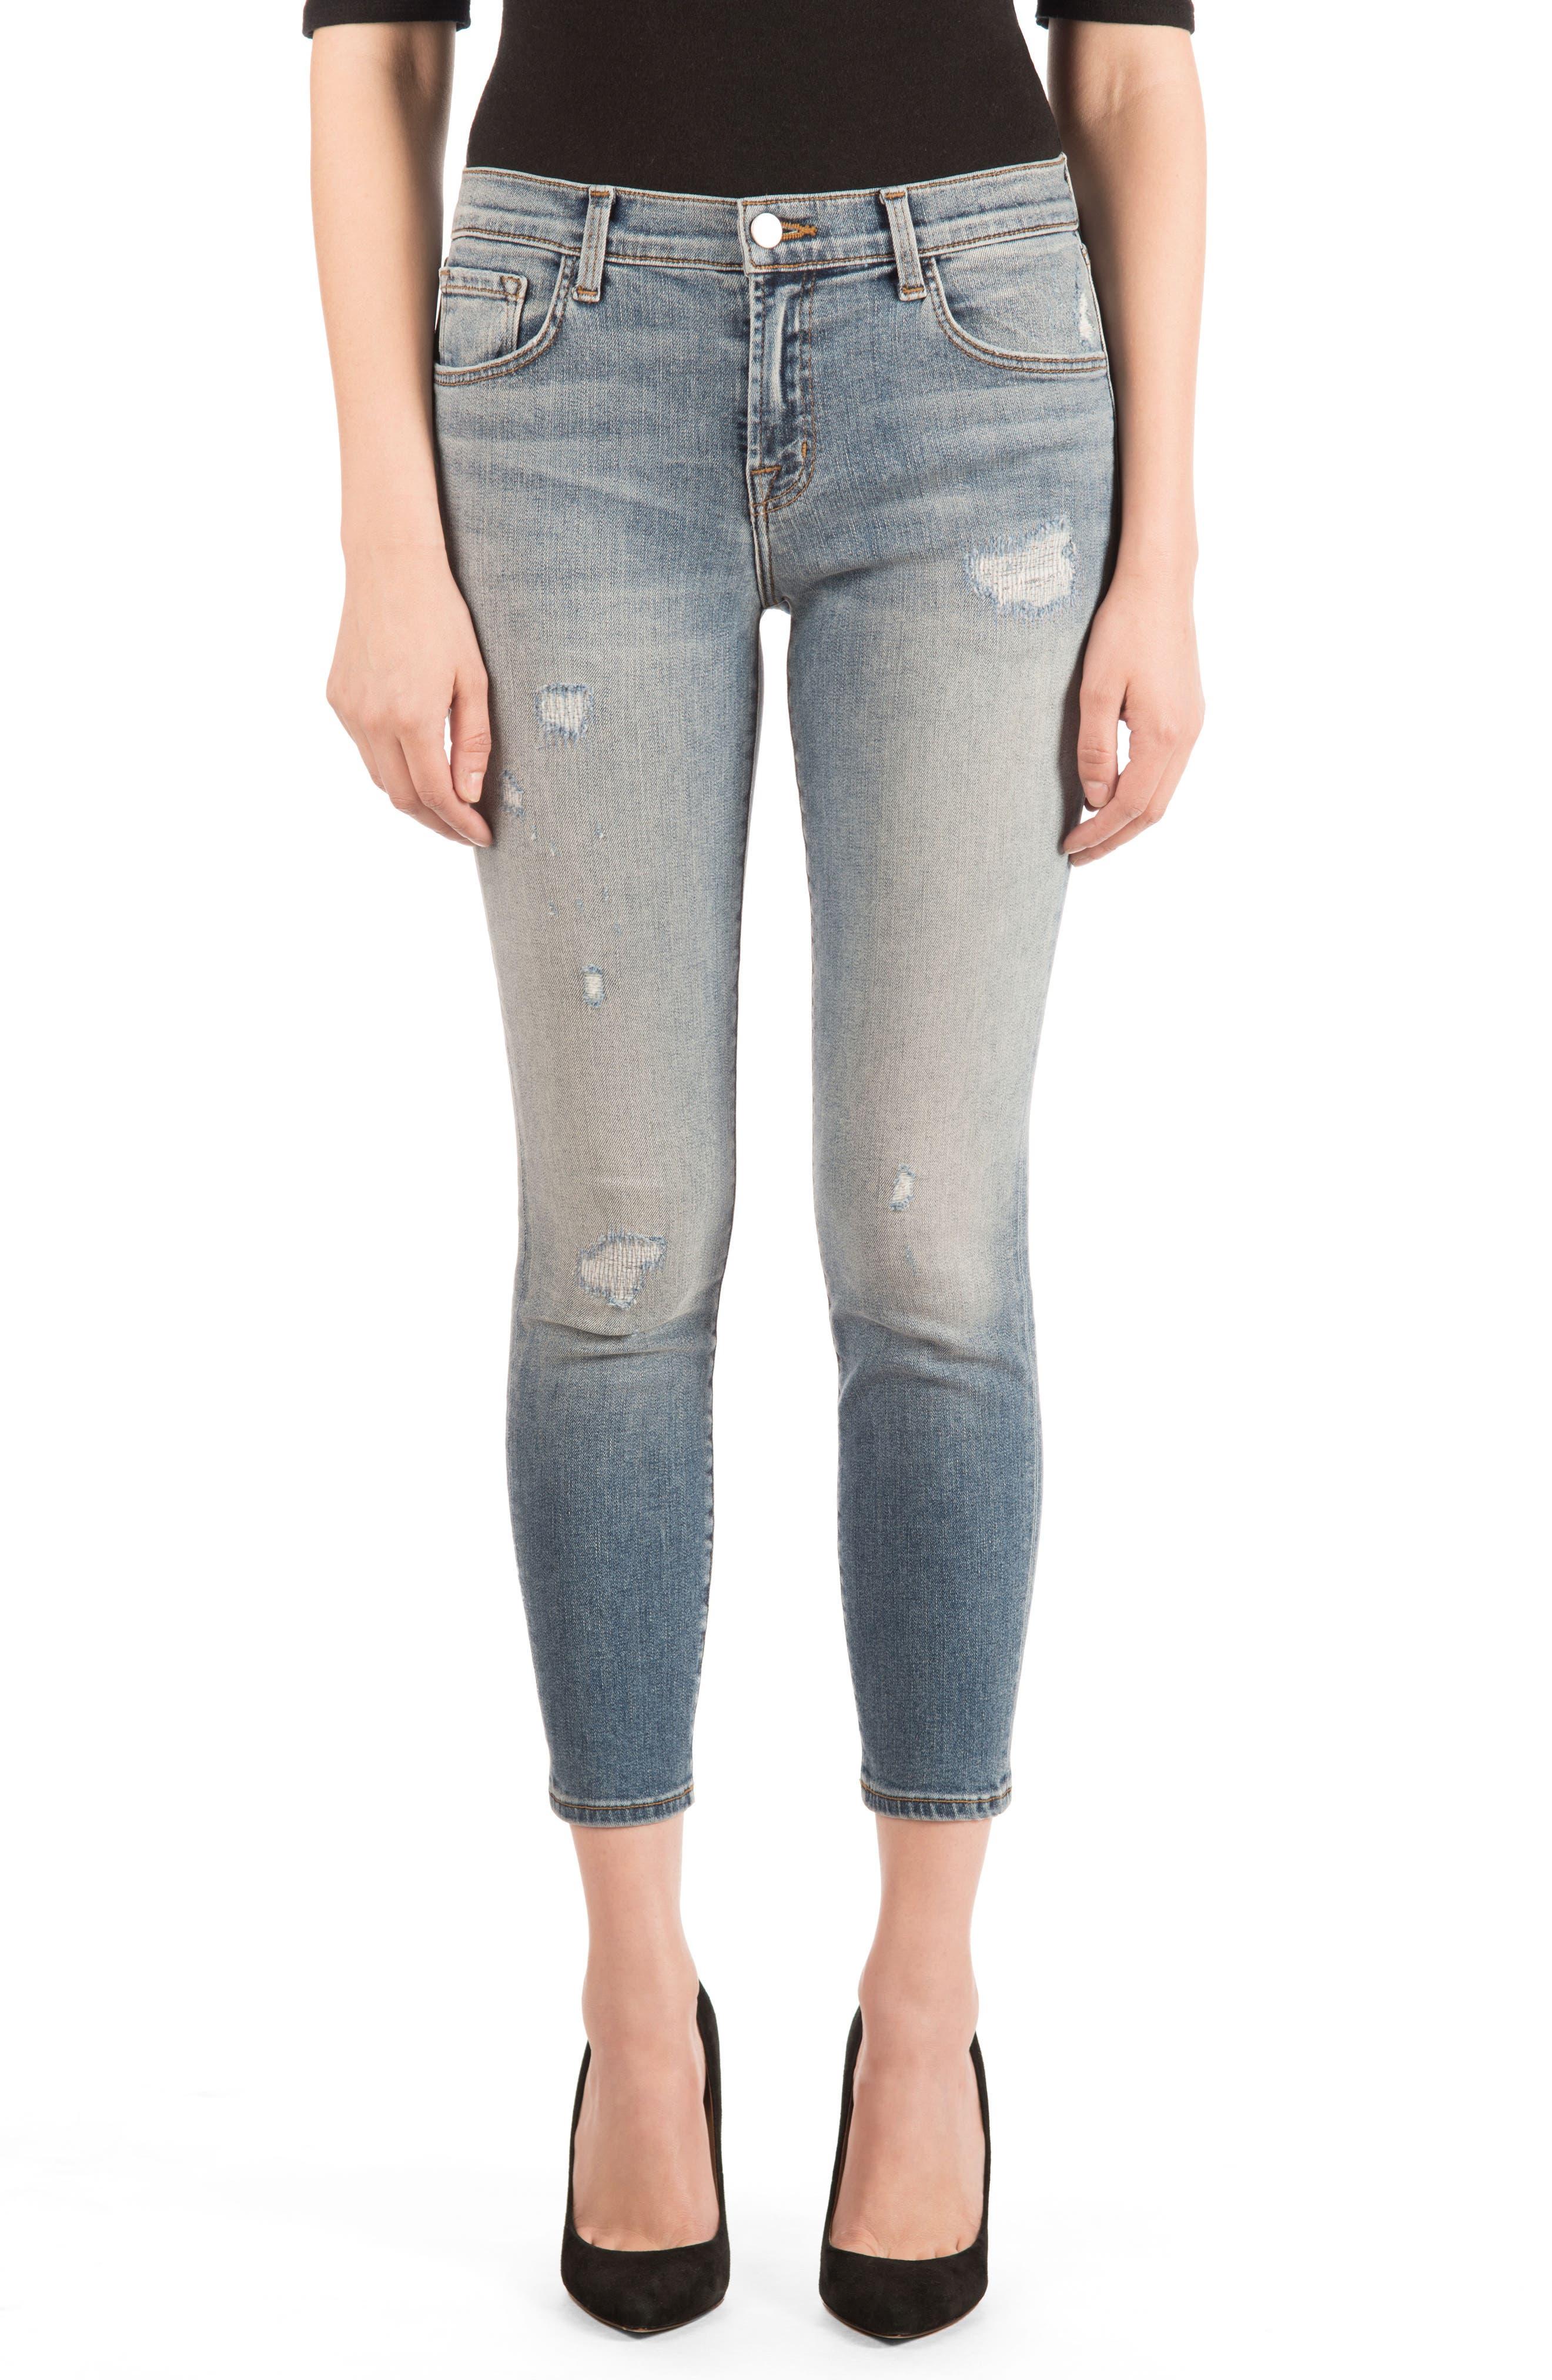 835 Distressed Capri Skinny Jeans,                         Main,                         color, Nolita